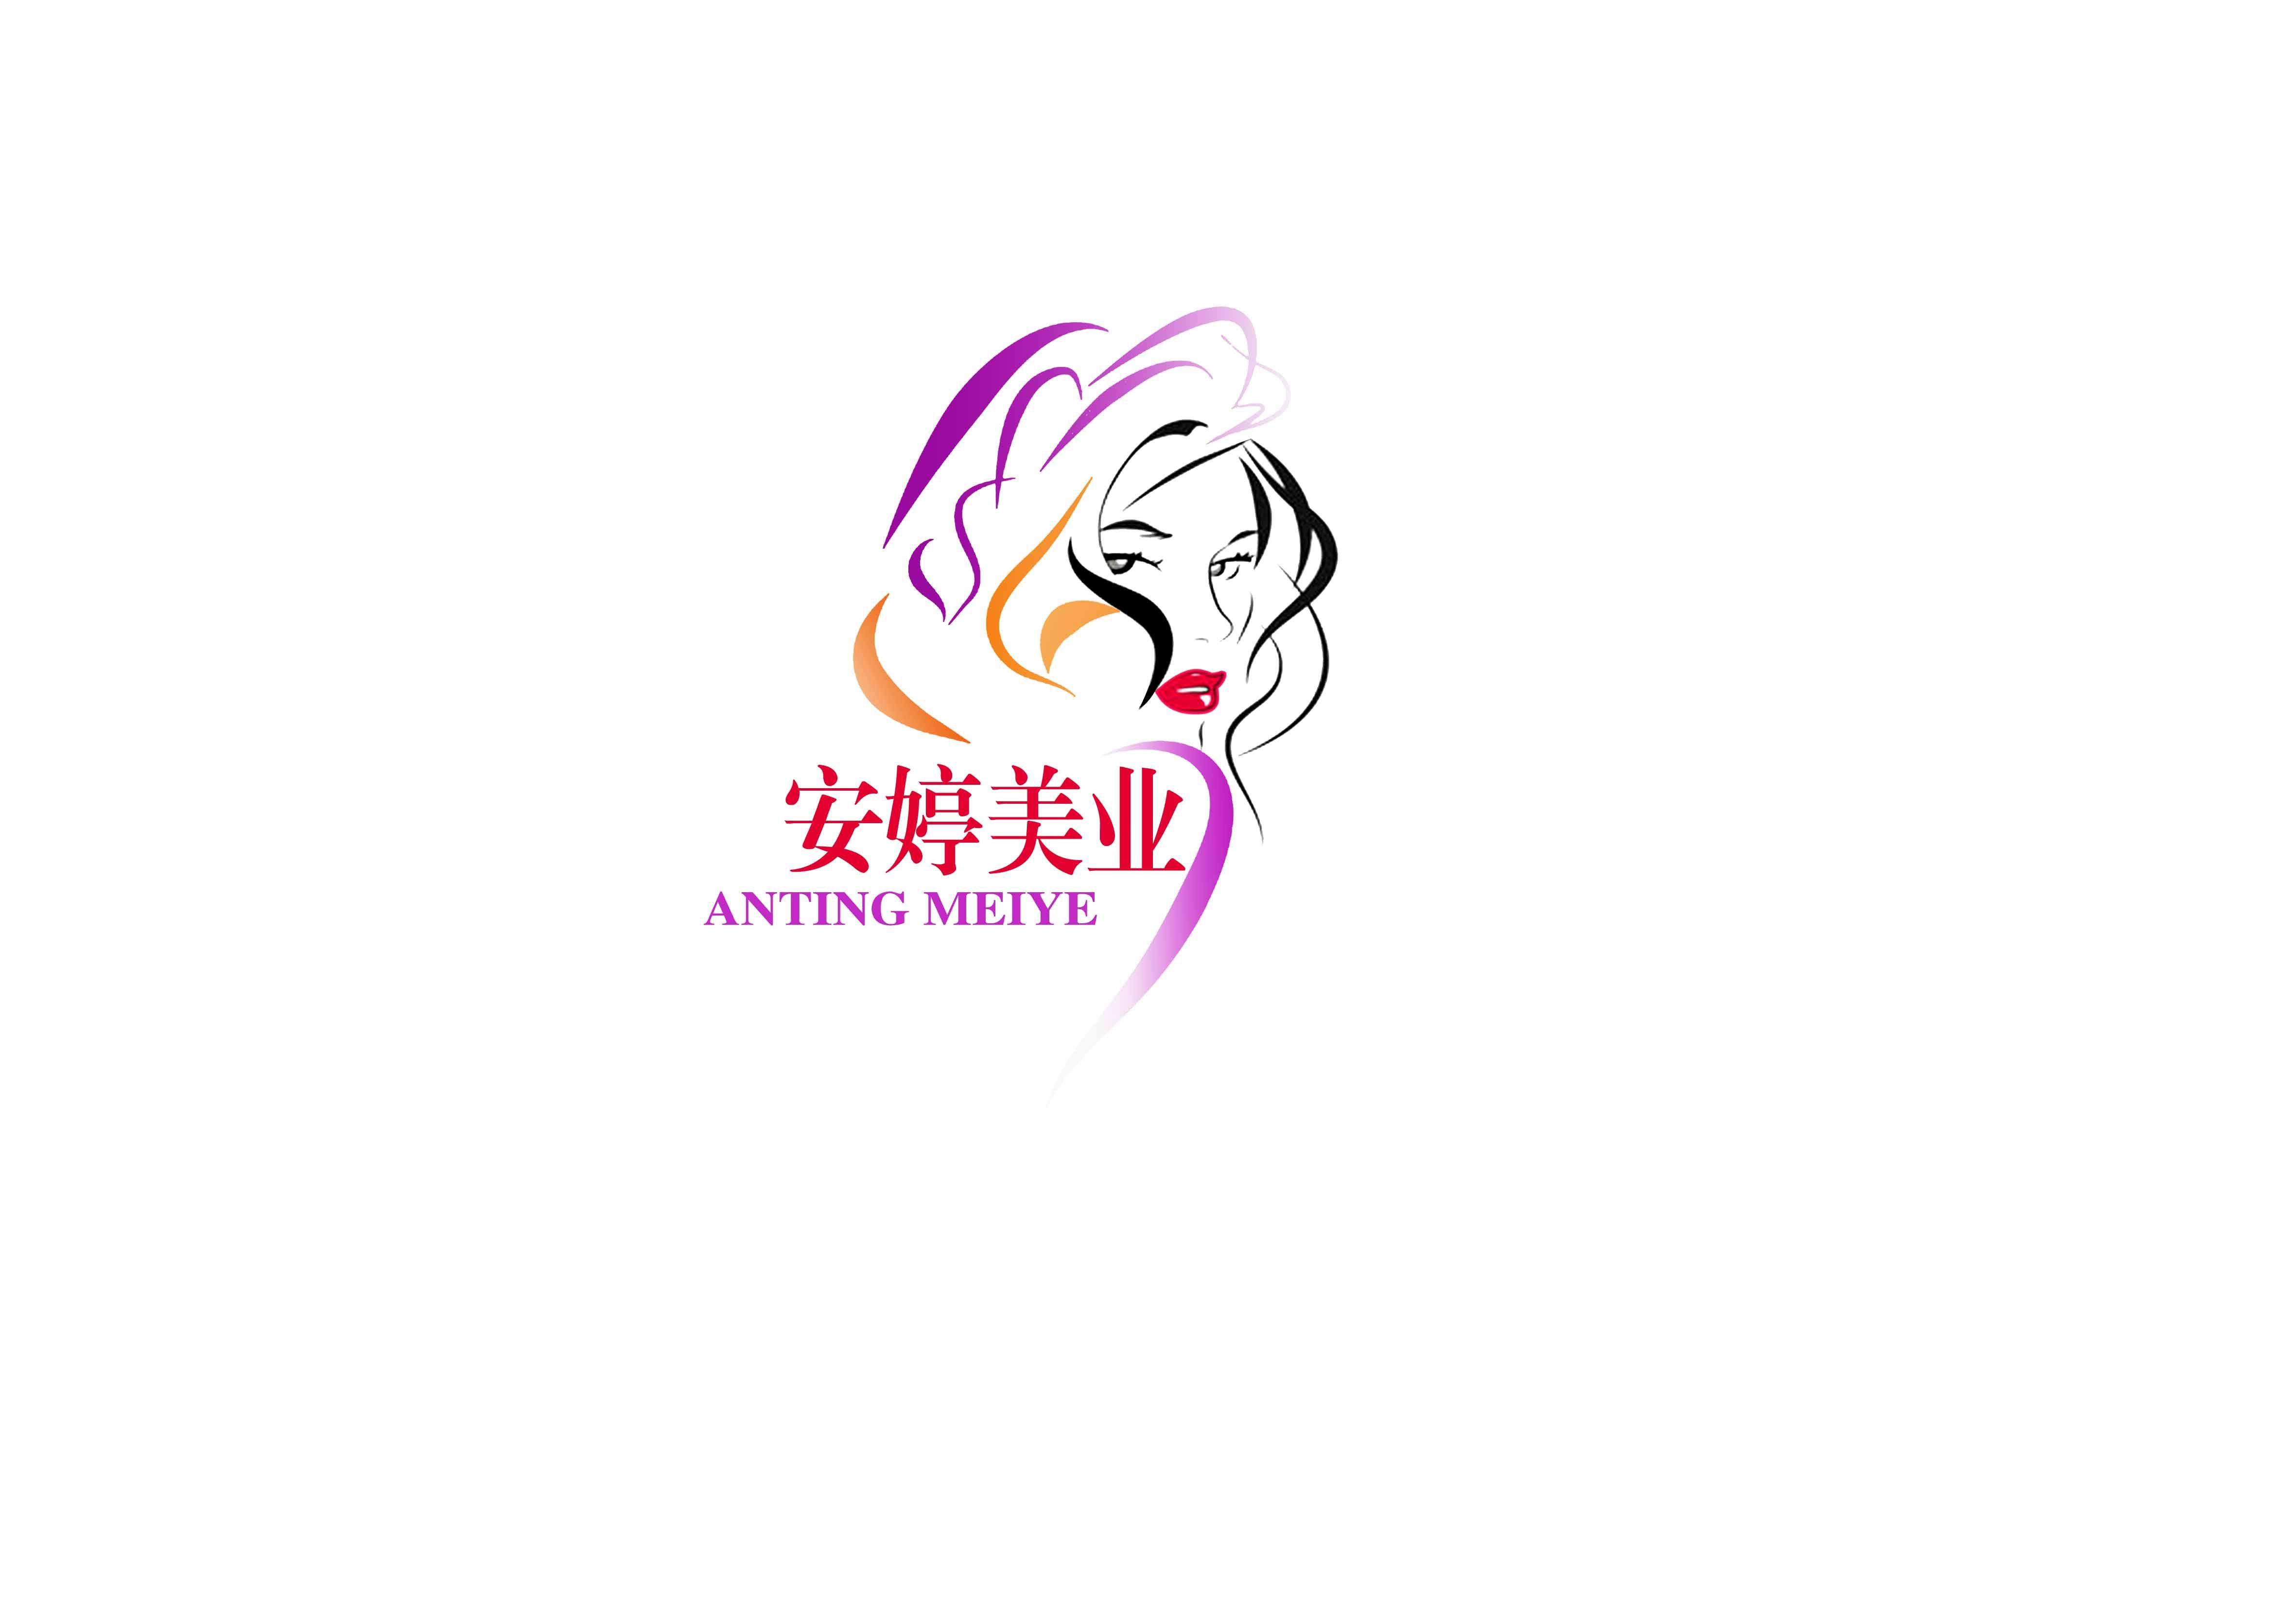 化妆品店铺标志 设计案例 高清图片